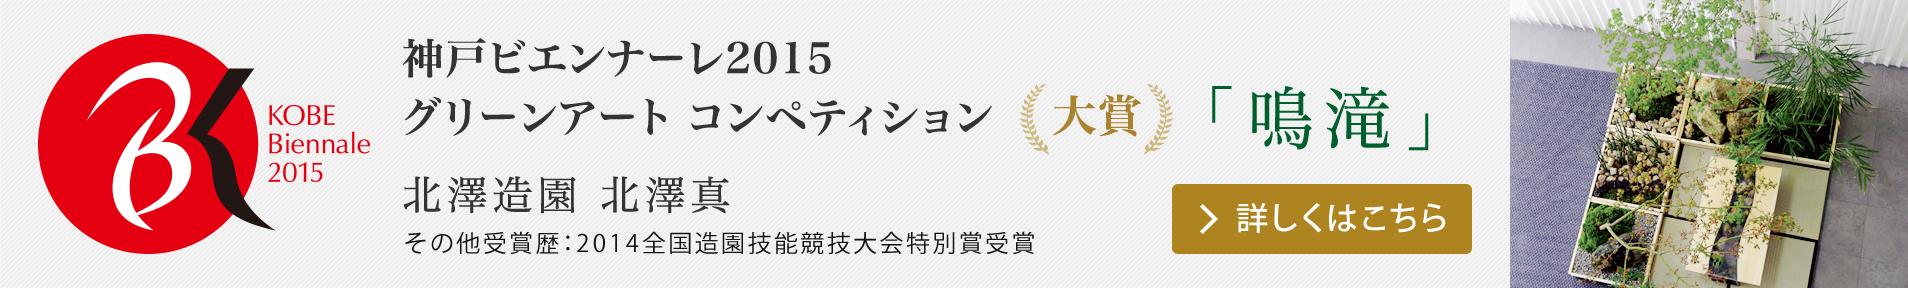 神戸ビエンナーレ2015 グリーンアート コンペティション 大賞 「鳴滝」 北澤造園 北澤真